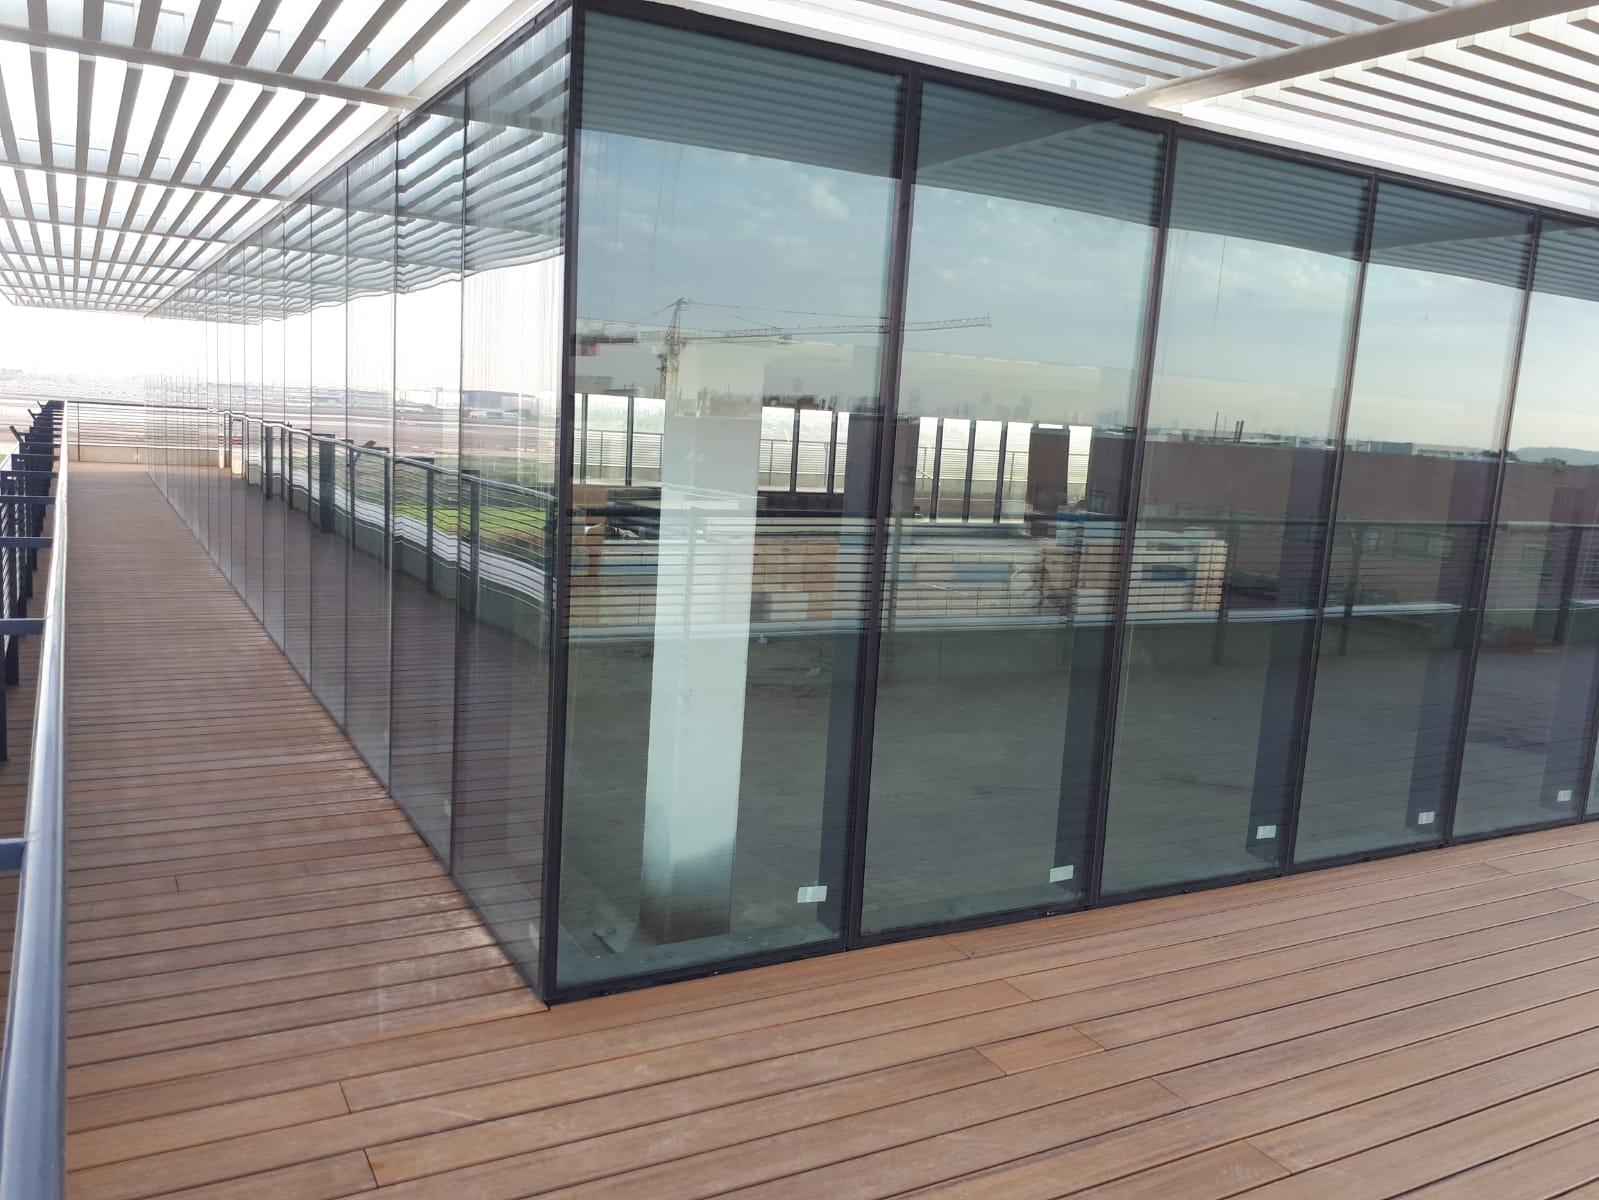 דק סינטטי, דק למרפסת ולגג בבניין טרמינל סנטר, אור יהודה - חברת TREX מומחים בדקים סינטטיים לחצר, דק לגינה ודק למרפסת